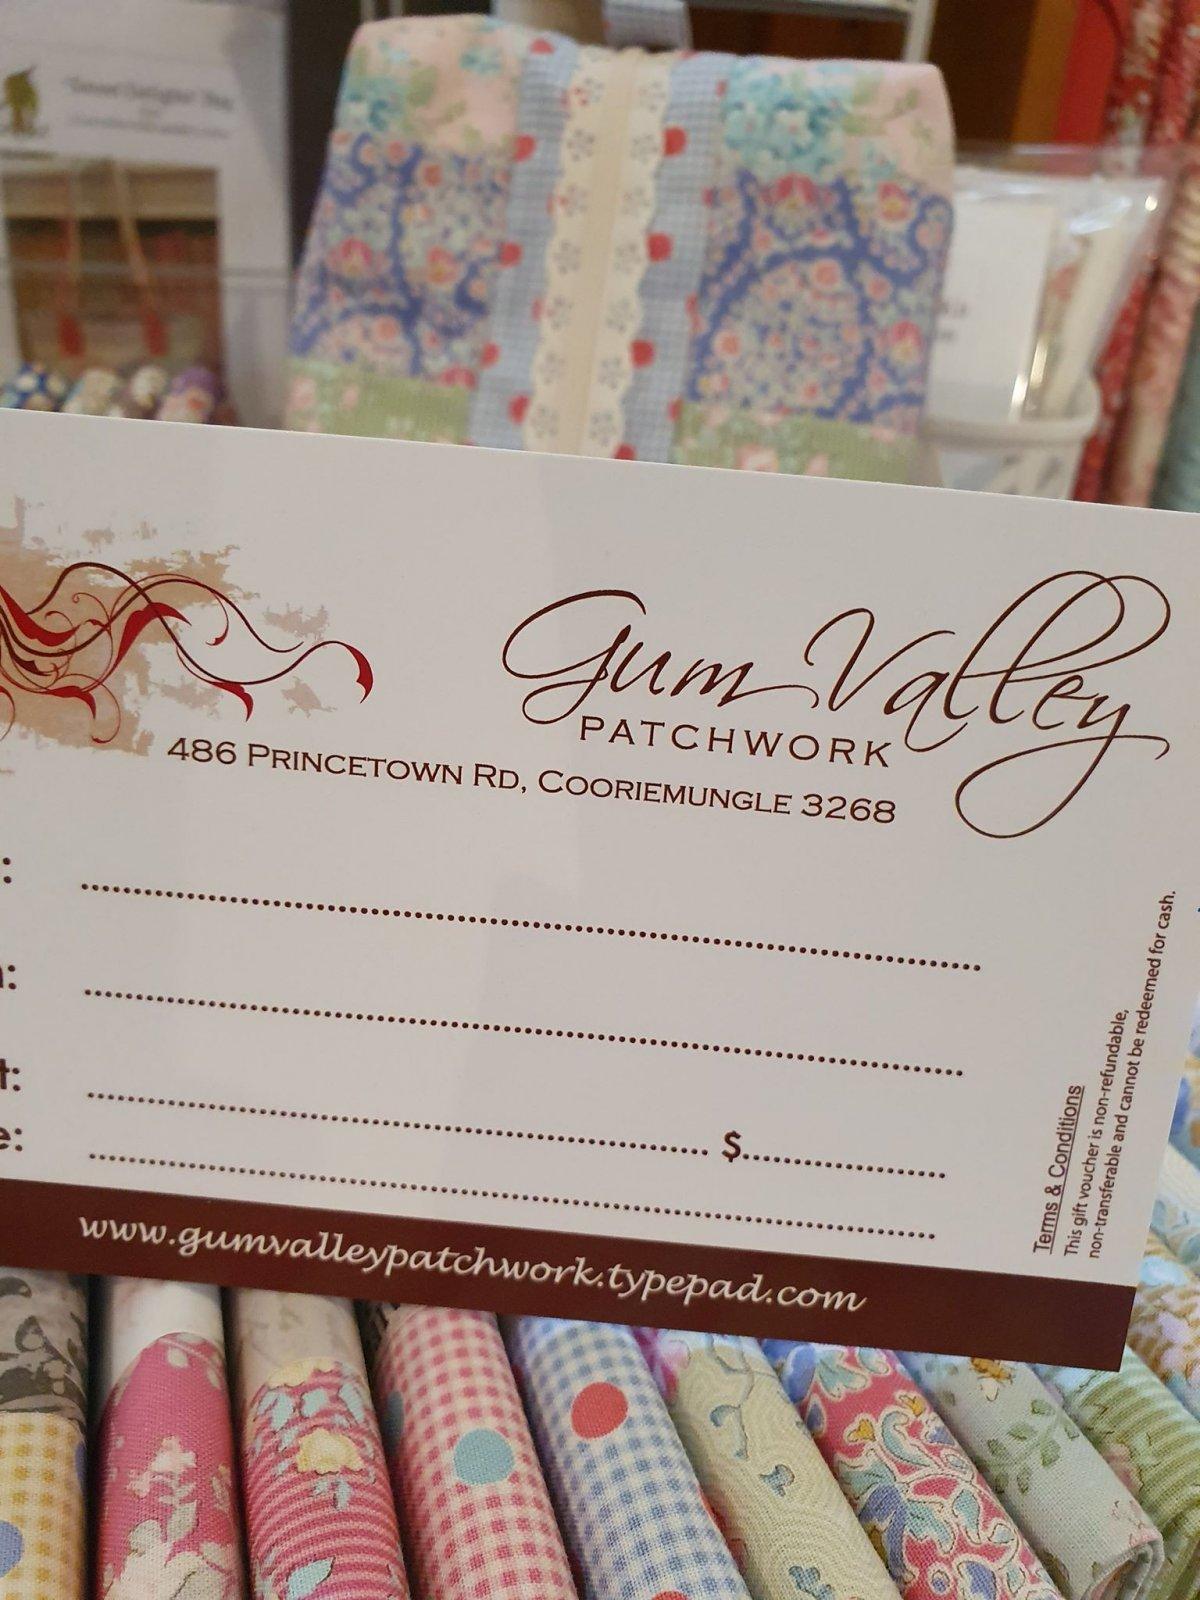 Gum Valley Patchwork Gift Voucher